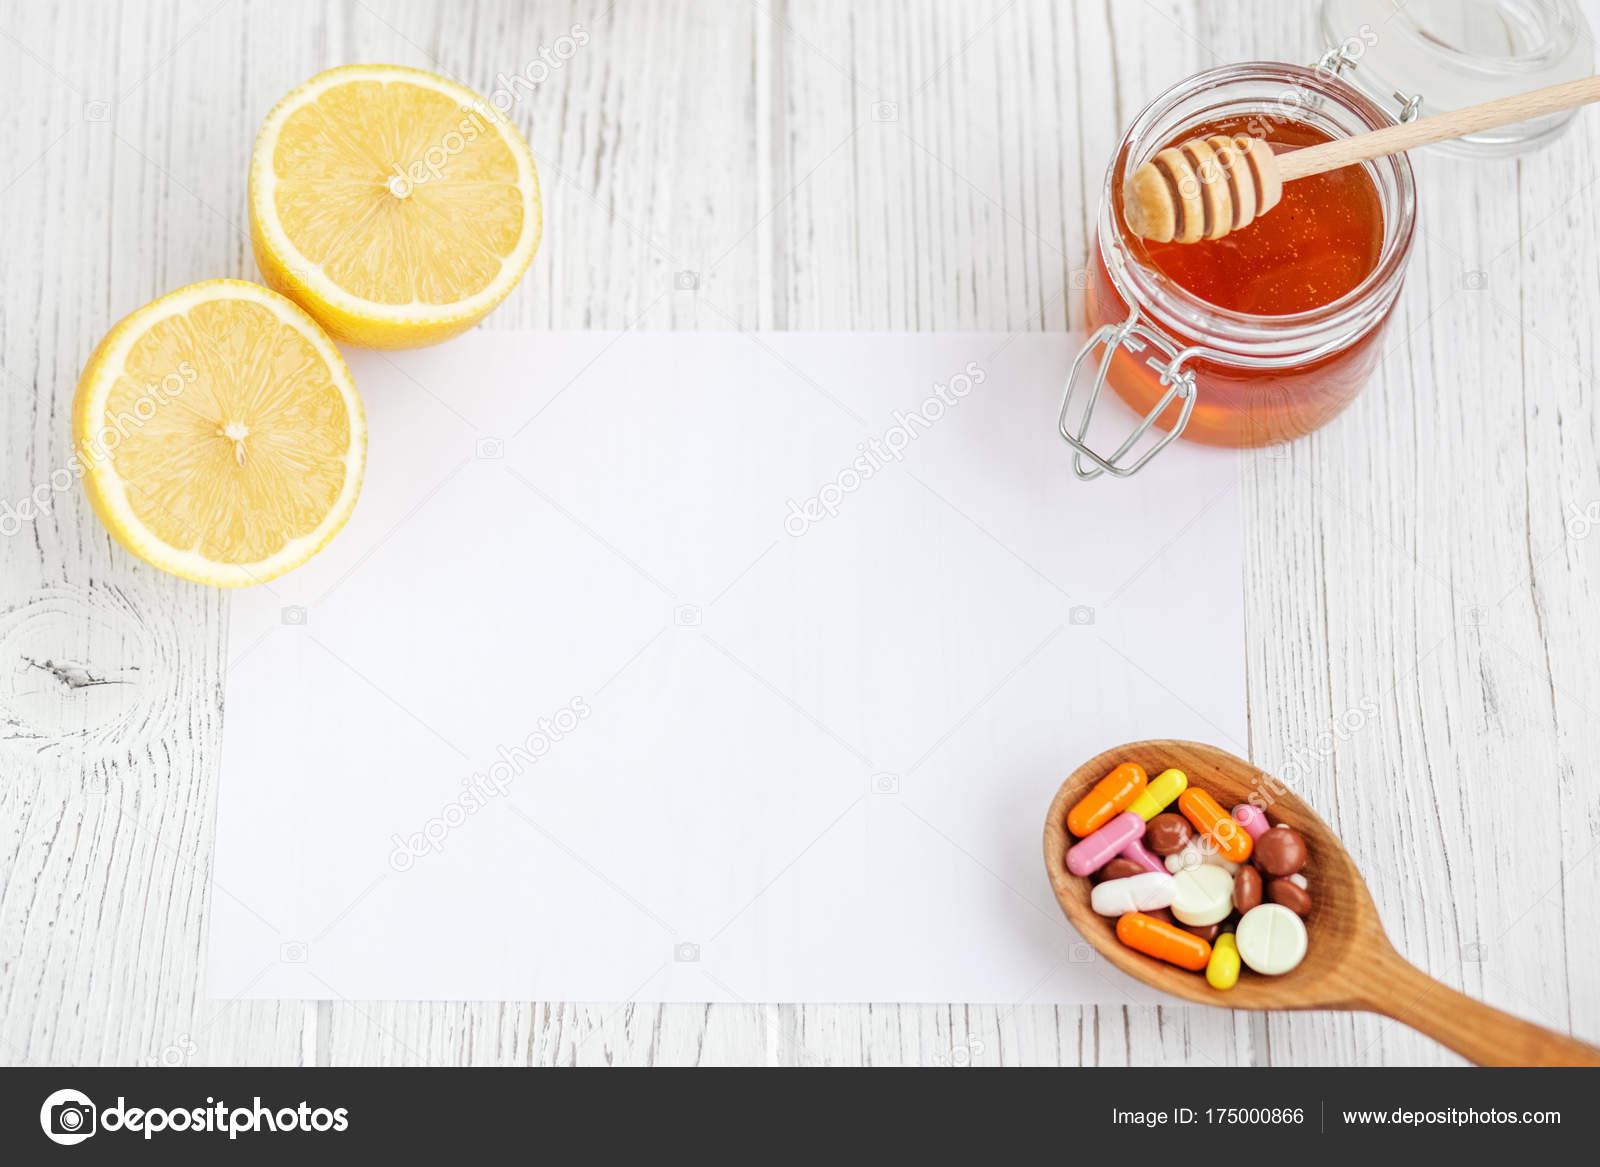 Honung Och Citron Tabletter Ett Recept Ark Begreppet Sjukdom